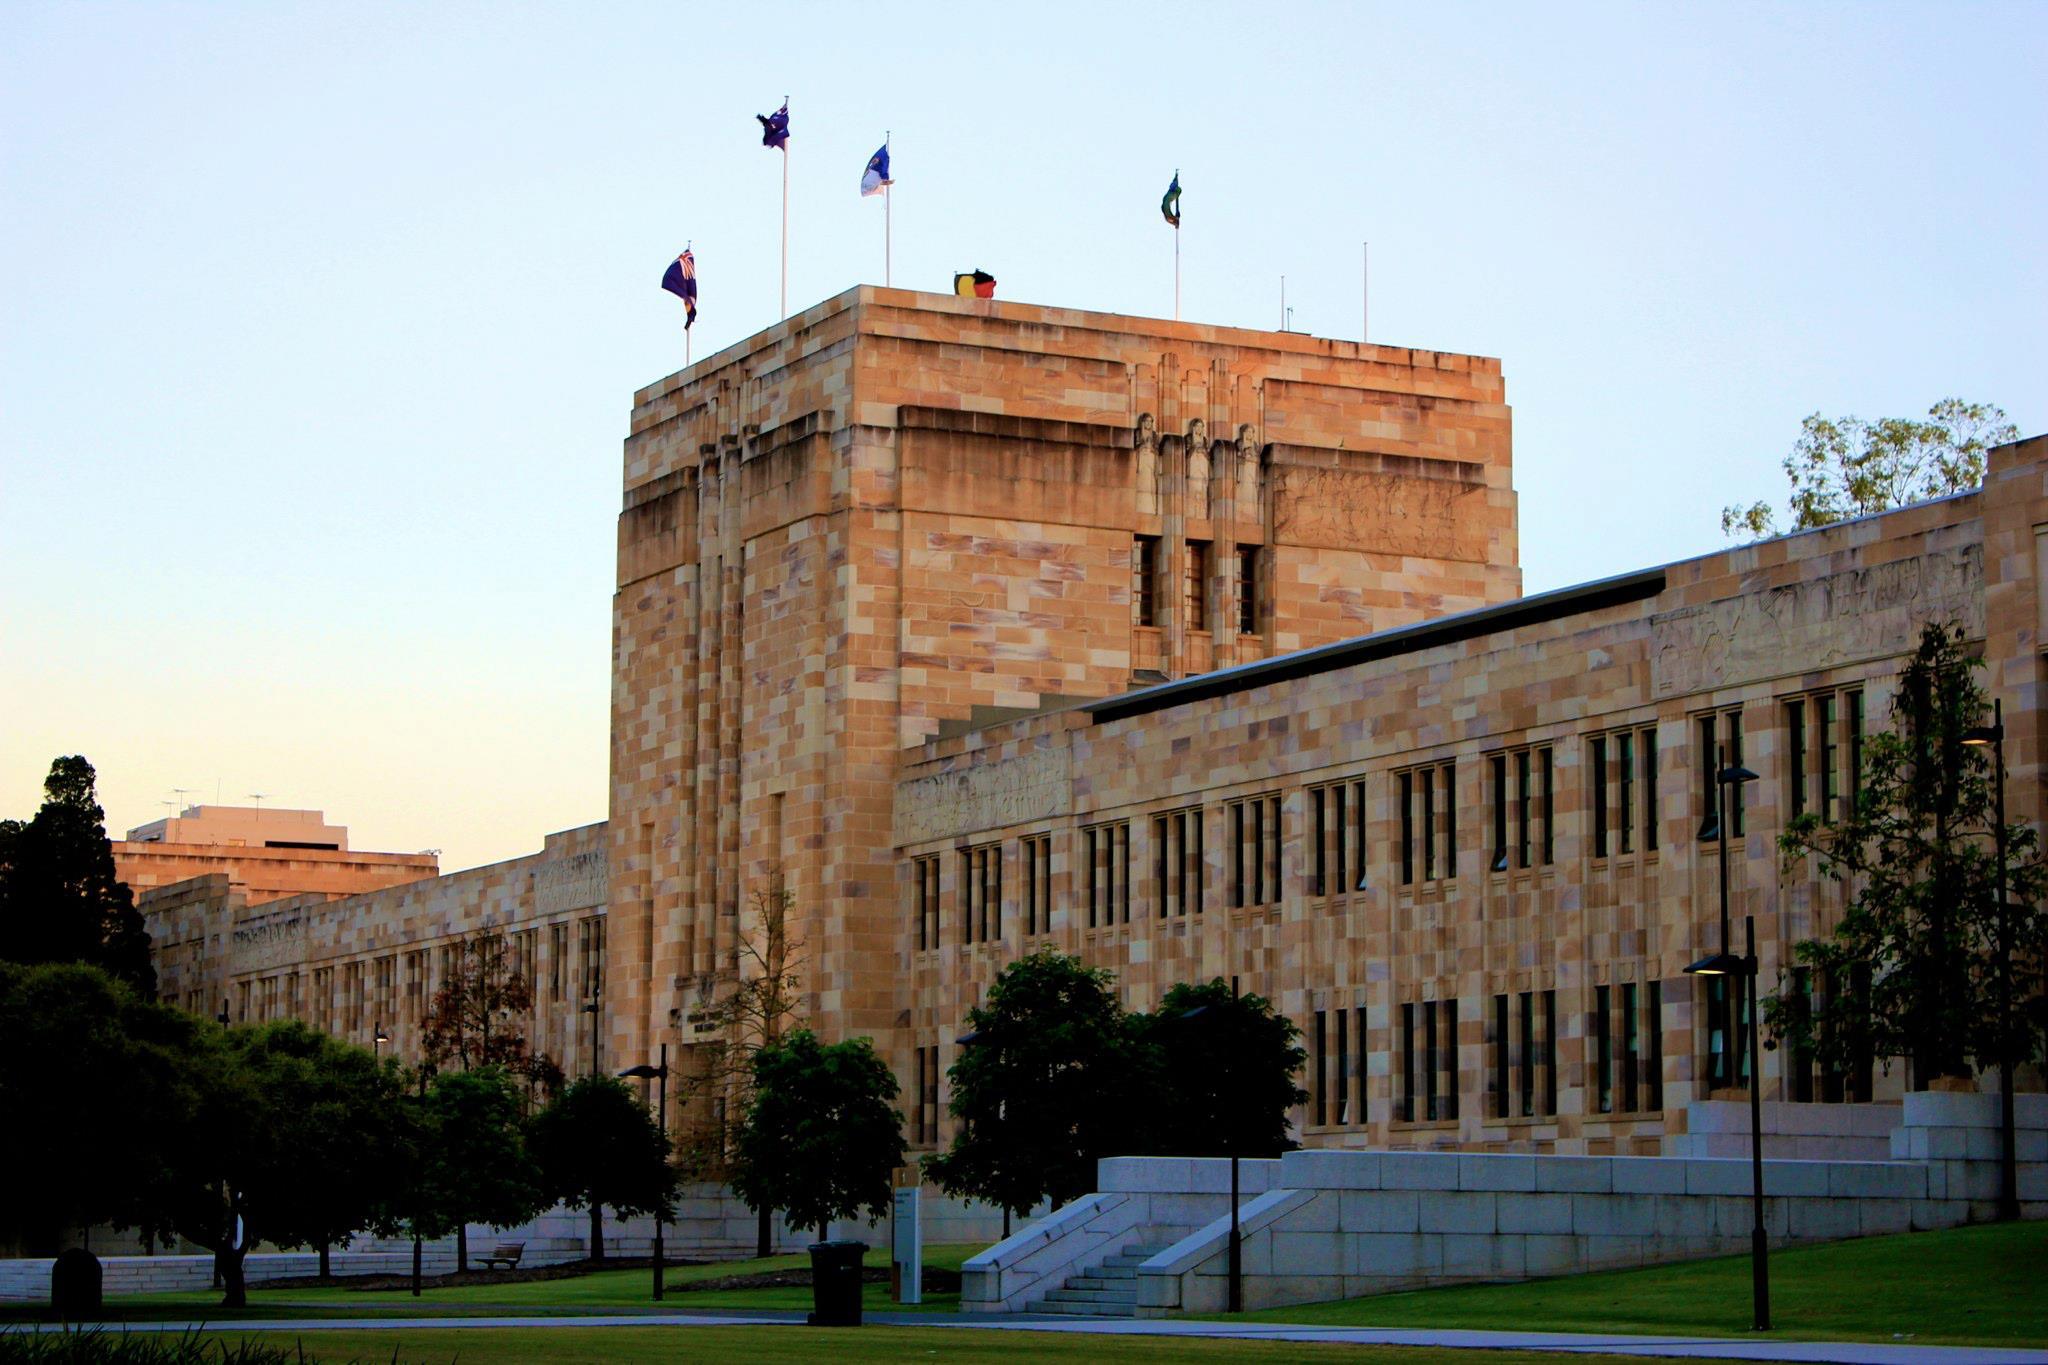 Học bổng của Đại học Queensland dành cho sinh viên quốc tế, Úc, 2017